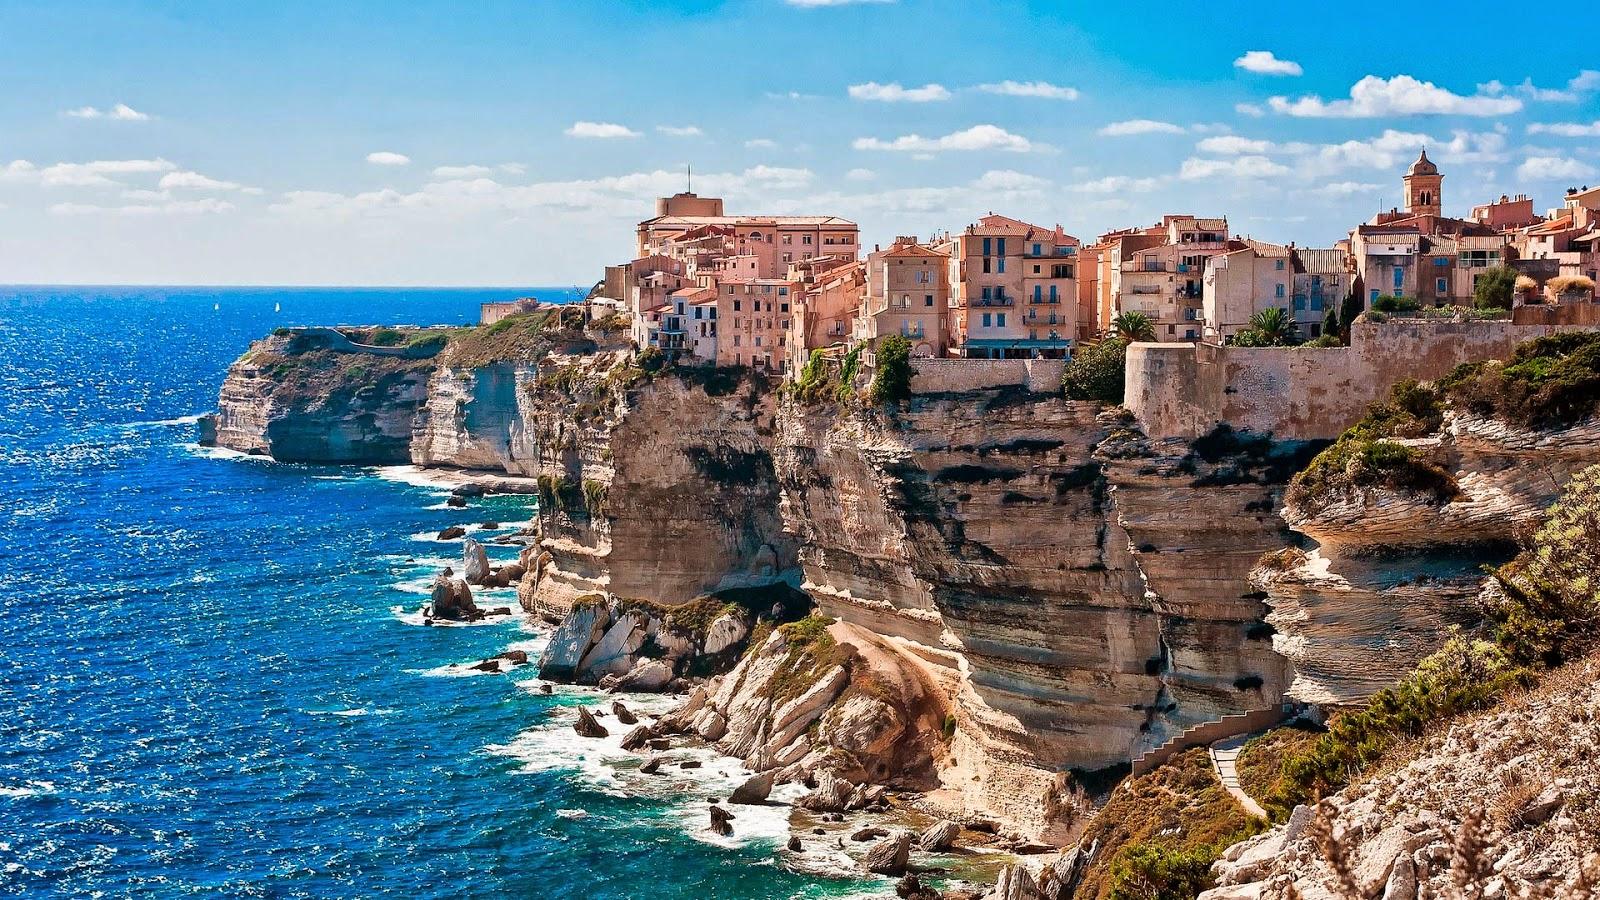 Visita Isla de Córcega, Francia